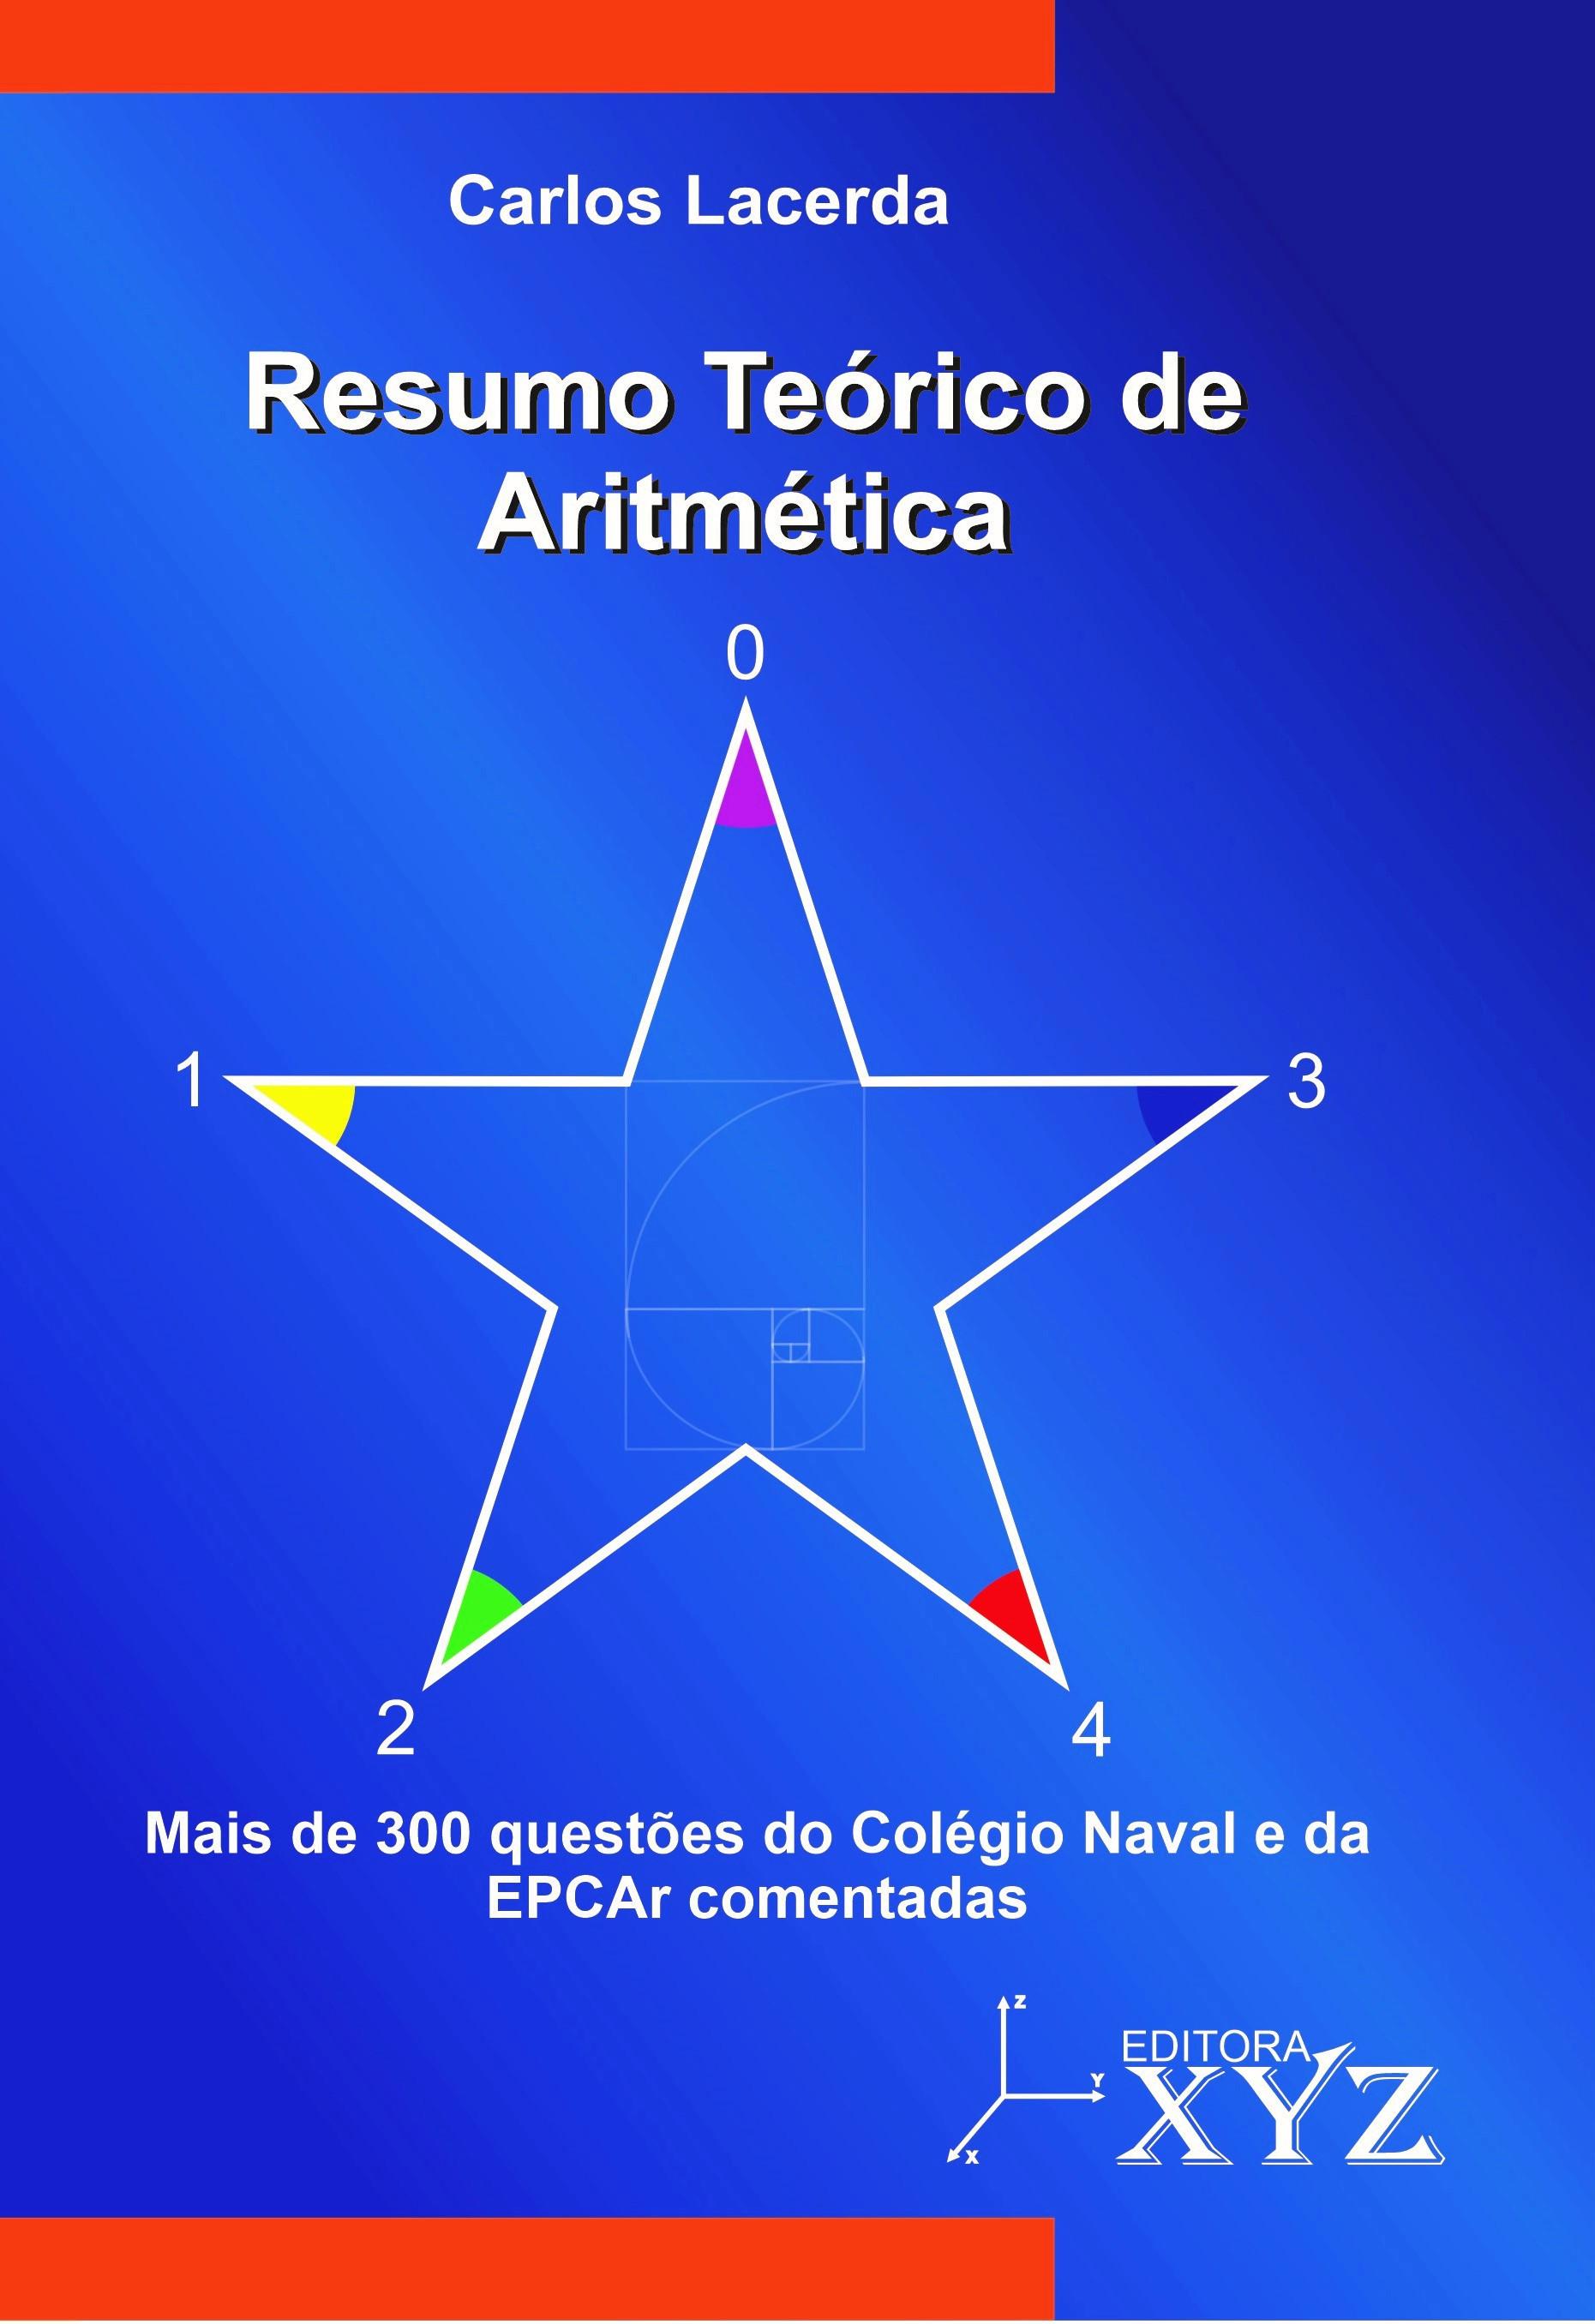 Resumo Teórico de Aritmética